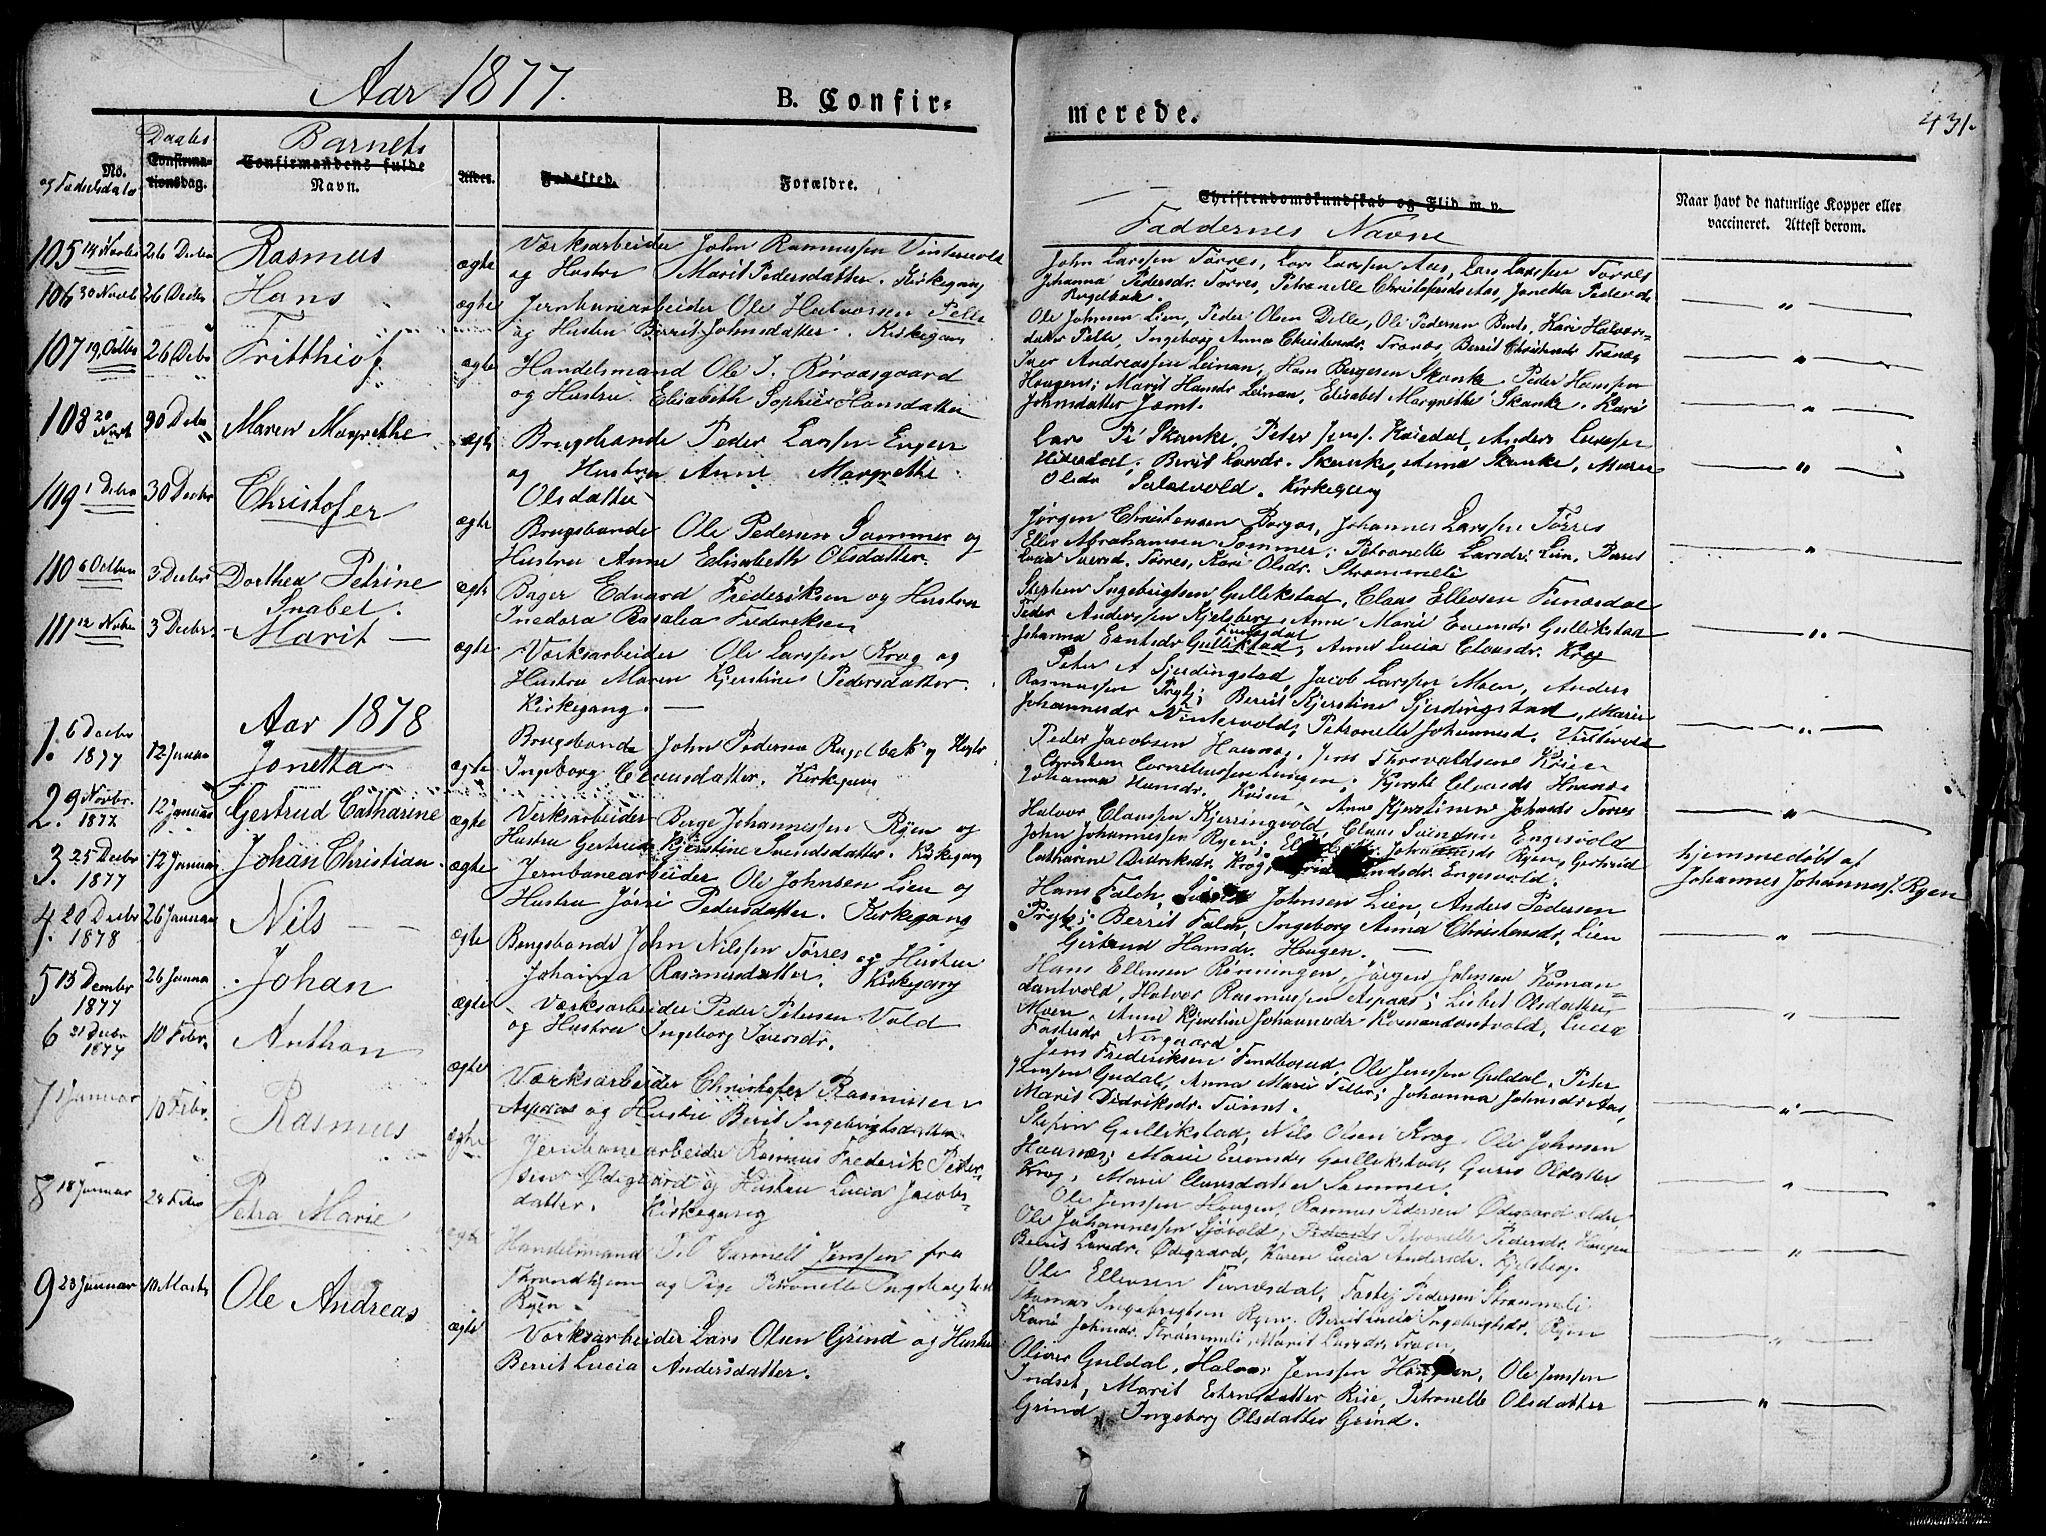 SAT, Ministerialprotokoller, klokkerbøker og fødselsregistre - Sør-Trøndelag, 681/L0938: Klokkerbok nr. 681C02, 1829-1879, s. 431